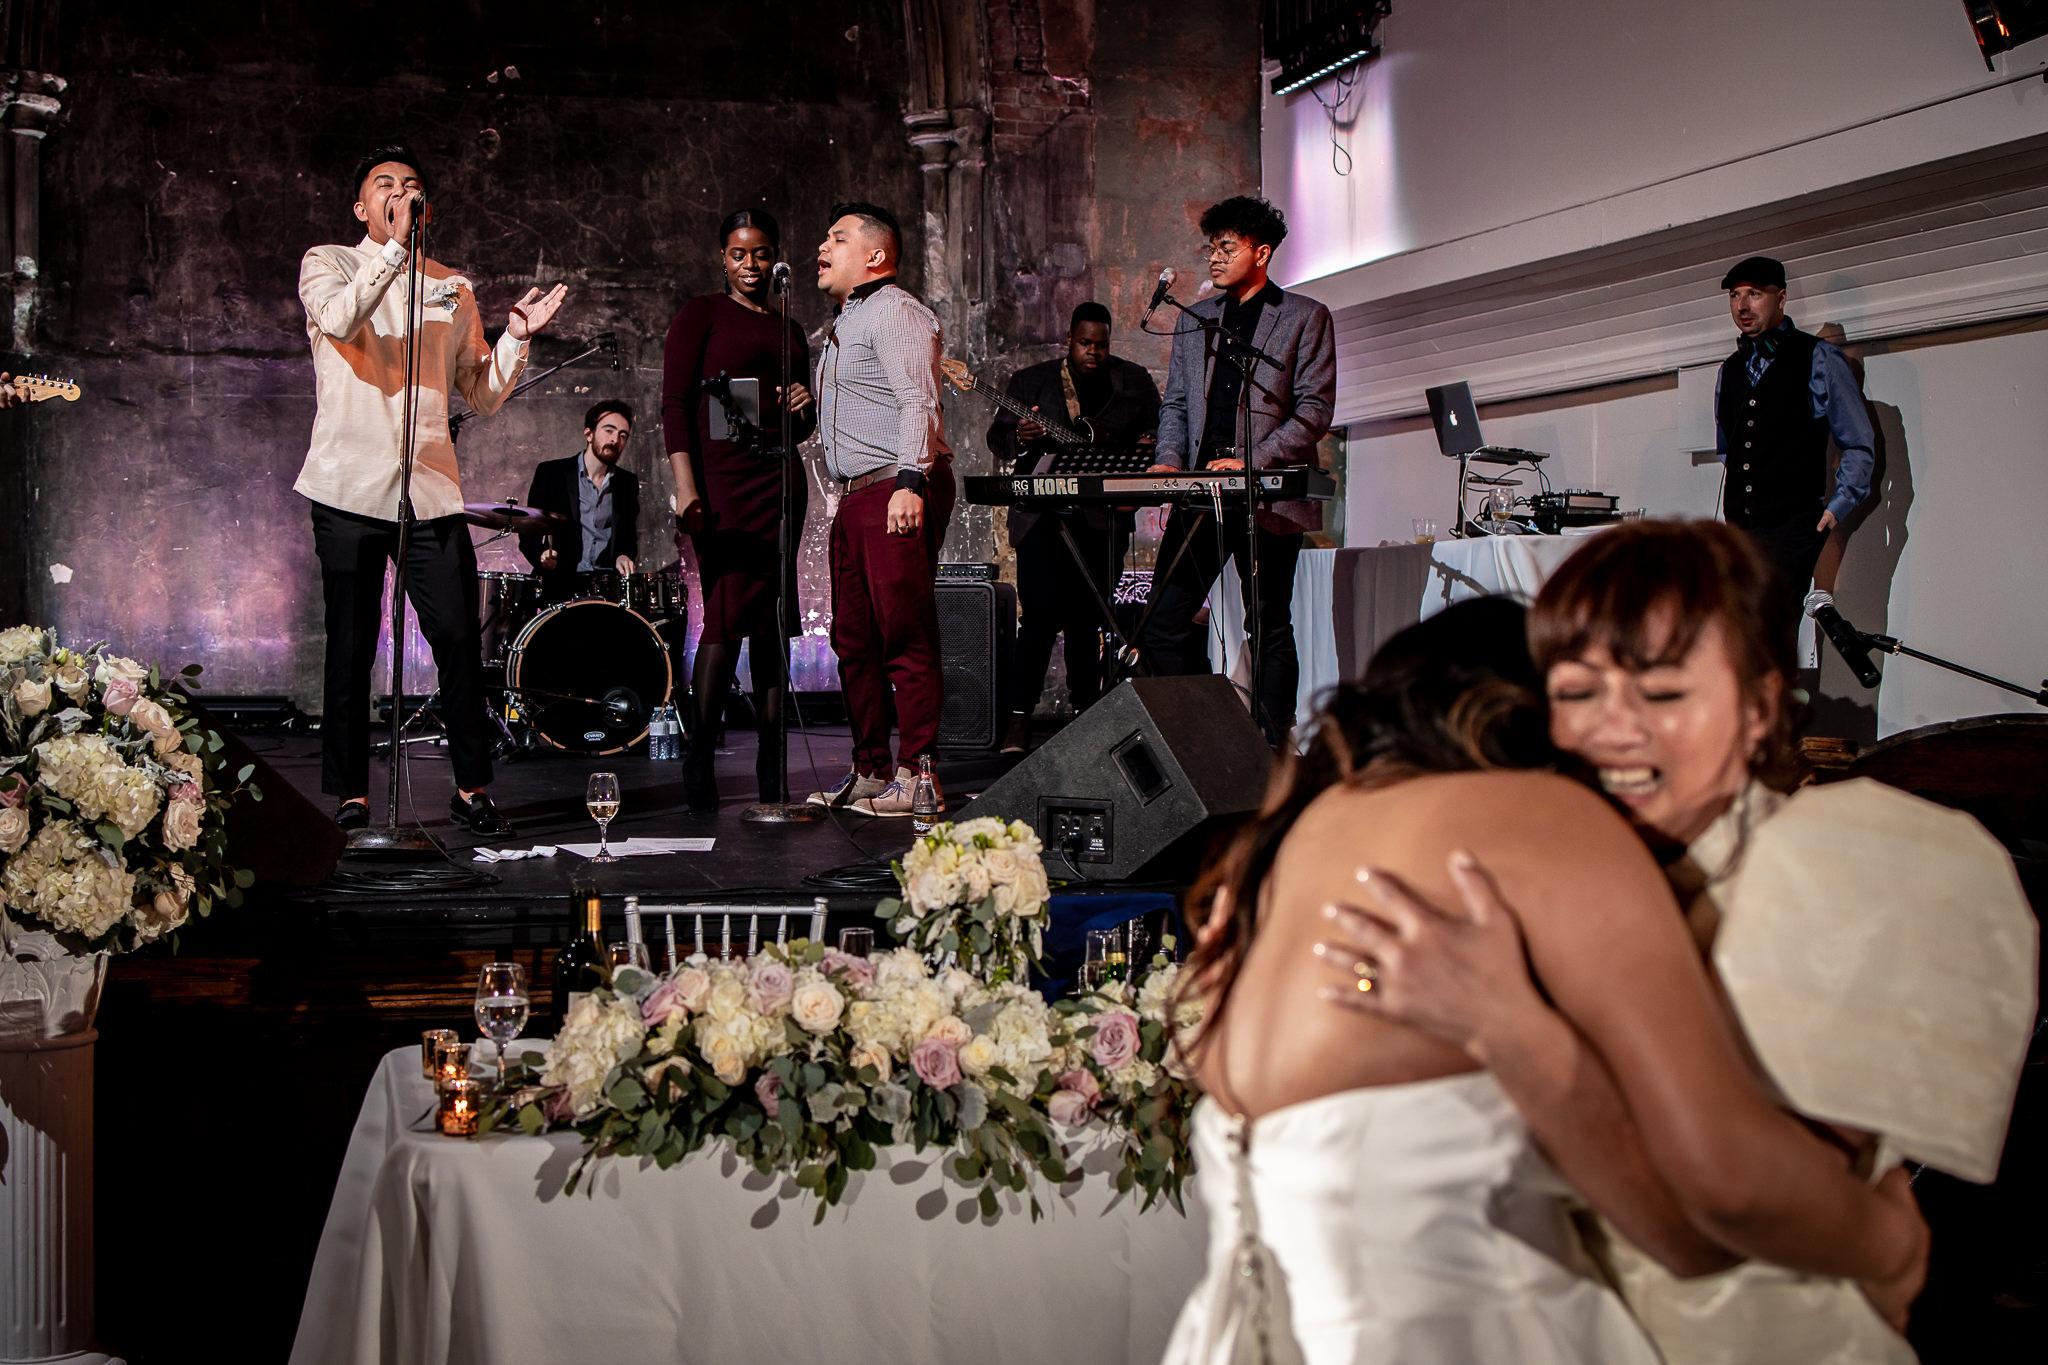 berkeley-wedding-photos-64.jpg